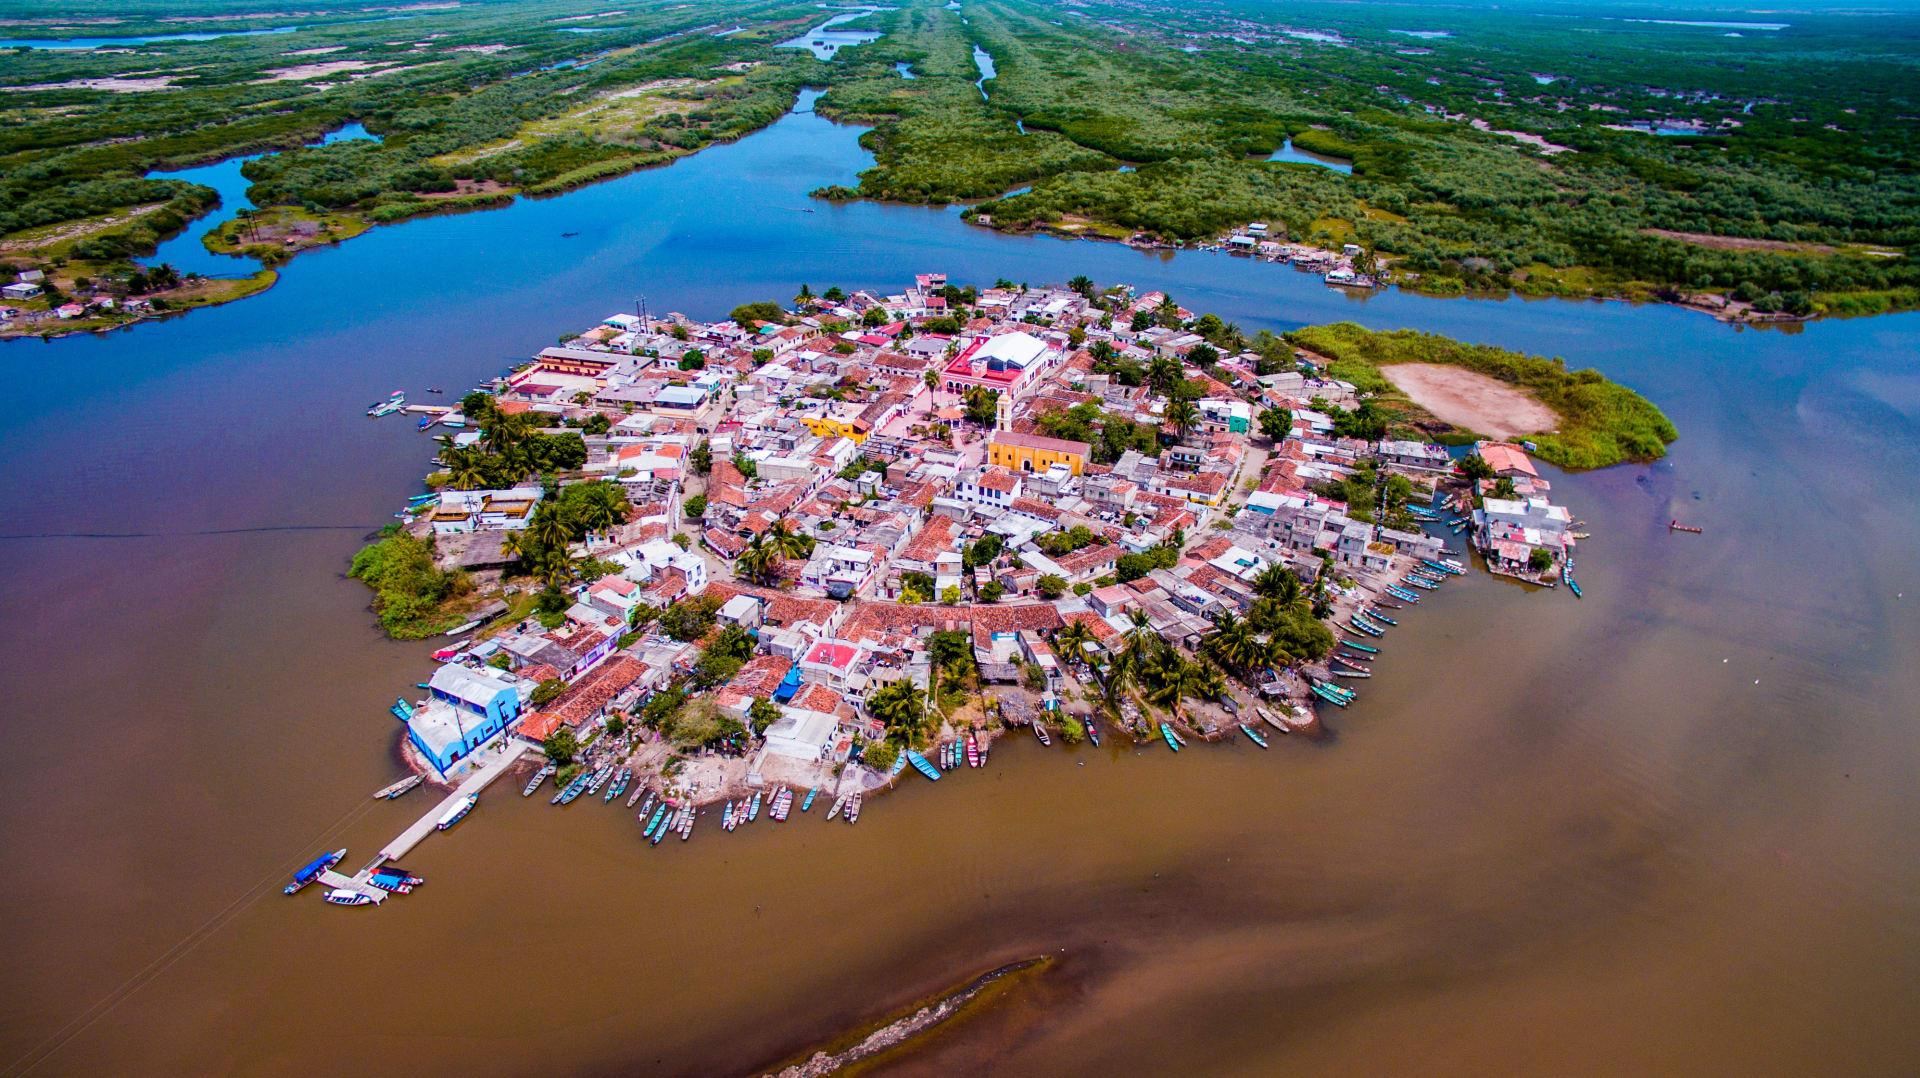 تلقب بالبندقية المكسيكية.. اكتشف كيف تسحر هذه الجزيرة الصغيرة زوارها